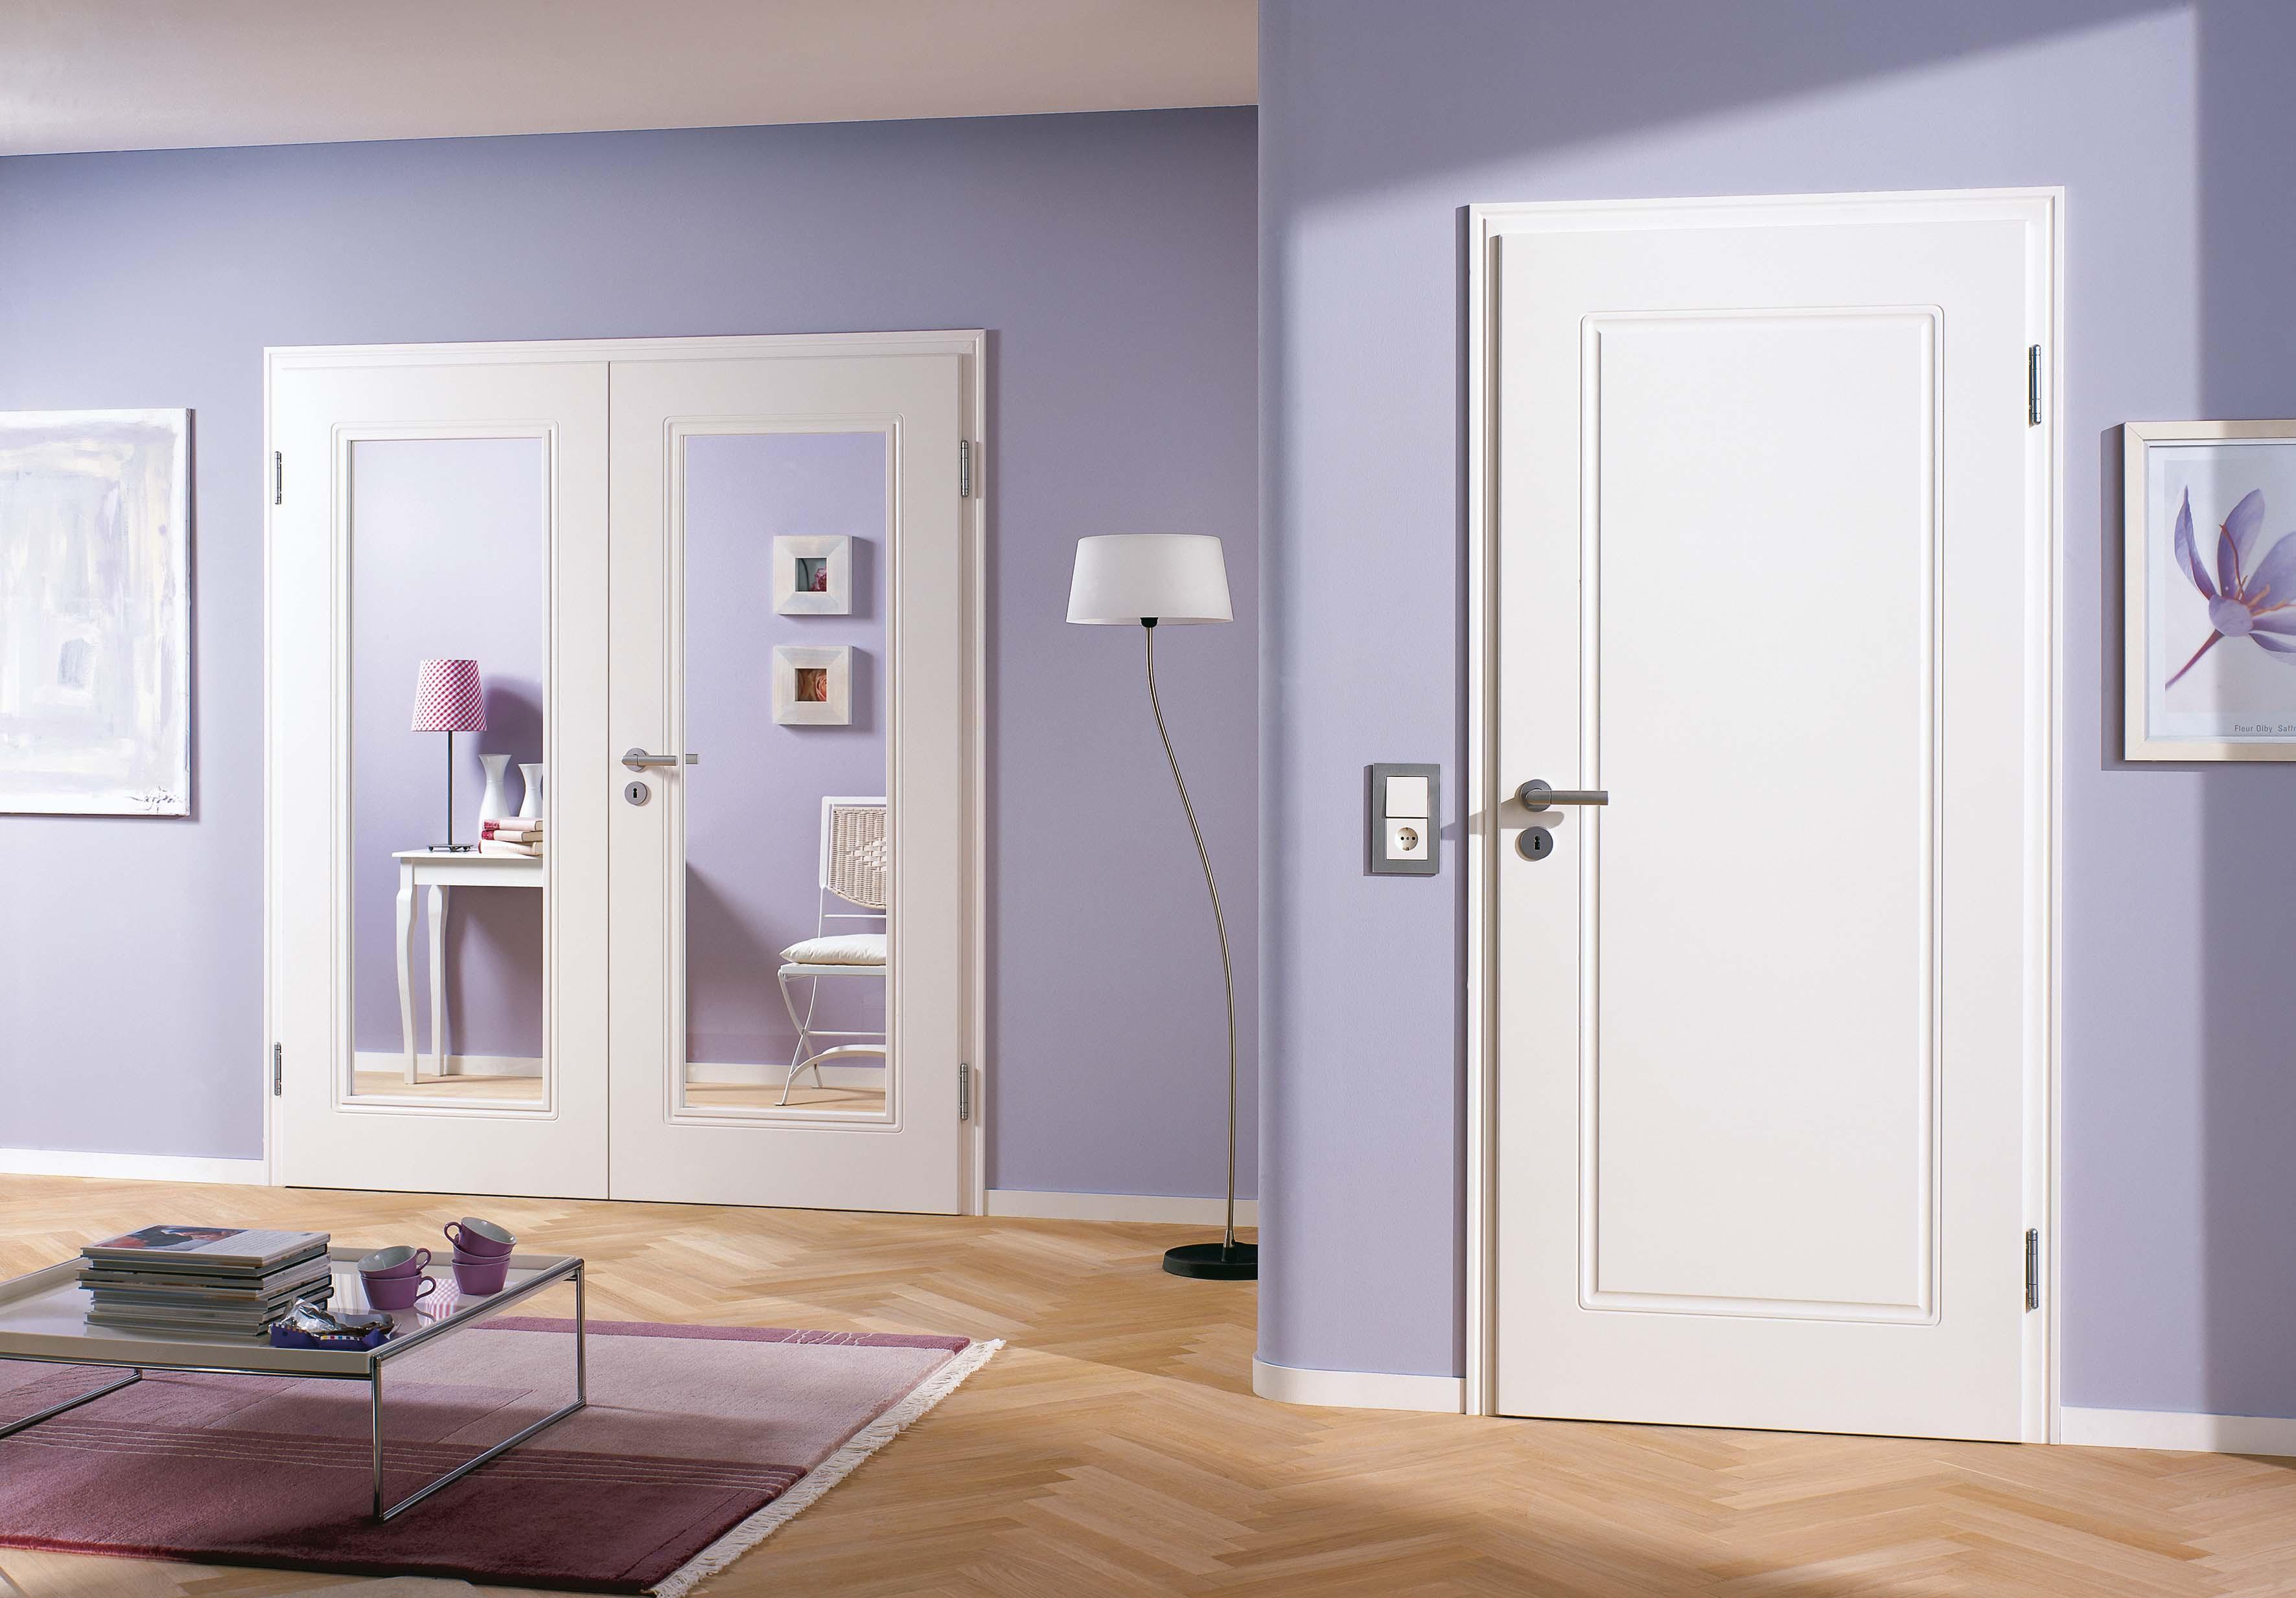 zimmertren mit glas haust r glas eingangst ren mit. Black Bedroom Furniture Sets. Home Design Ideas